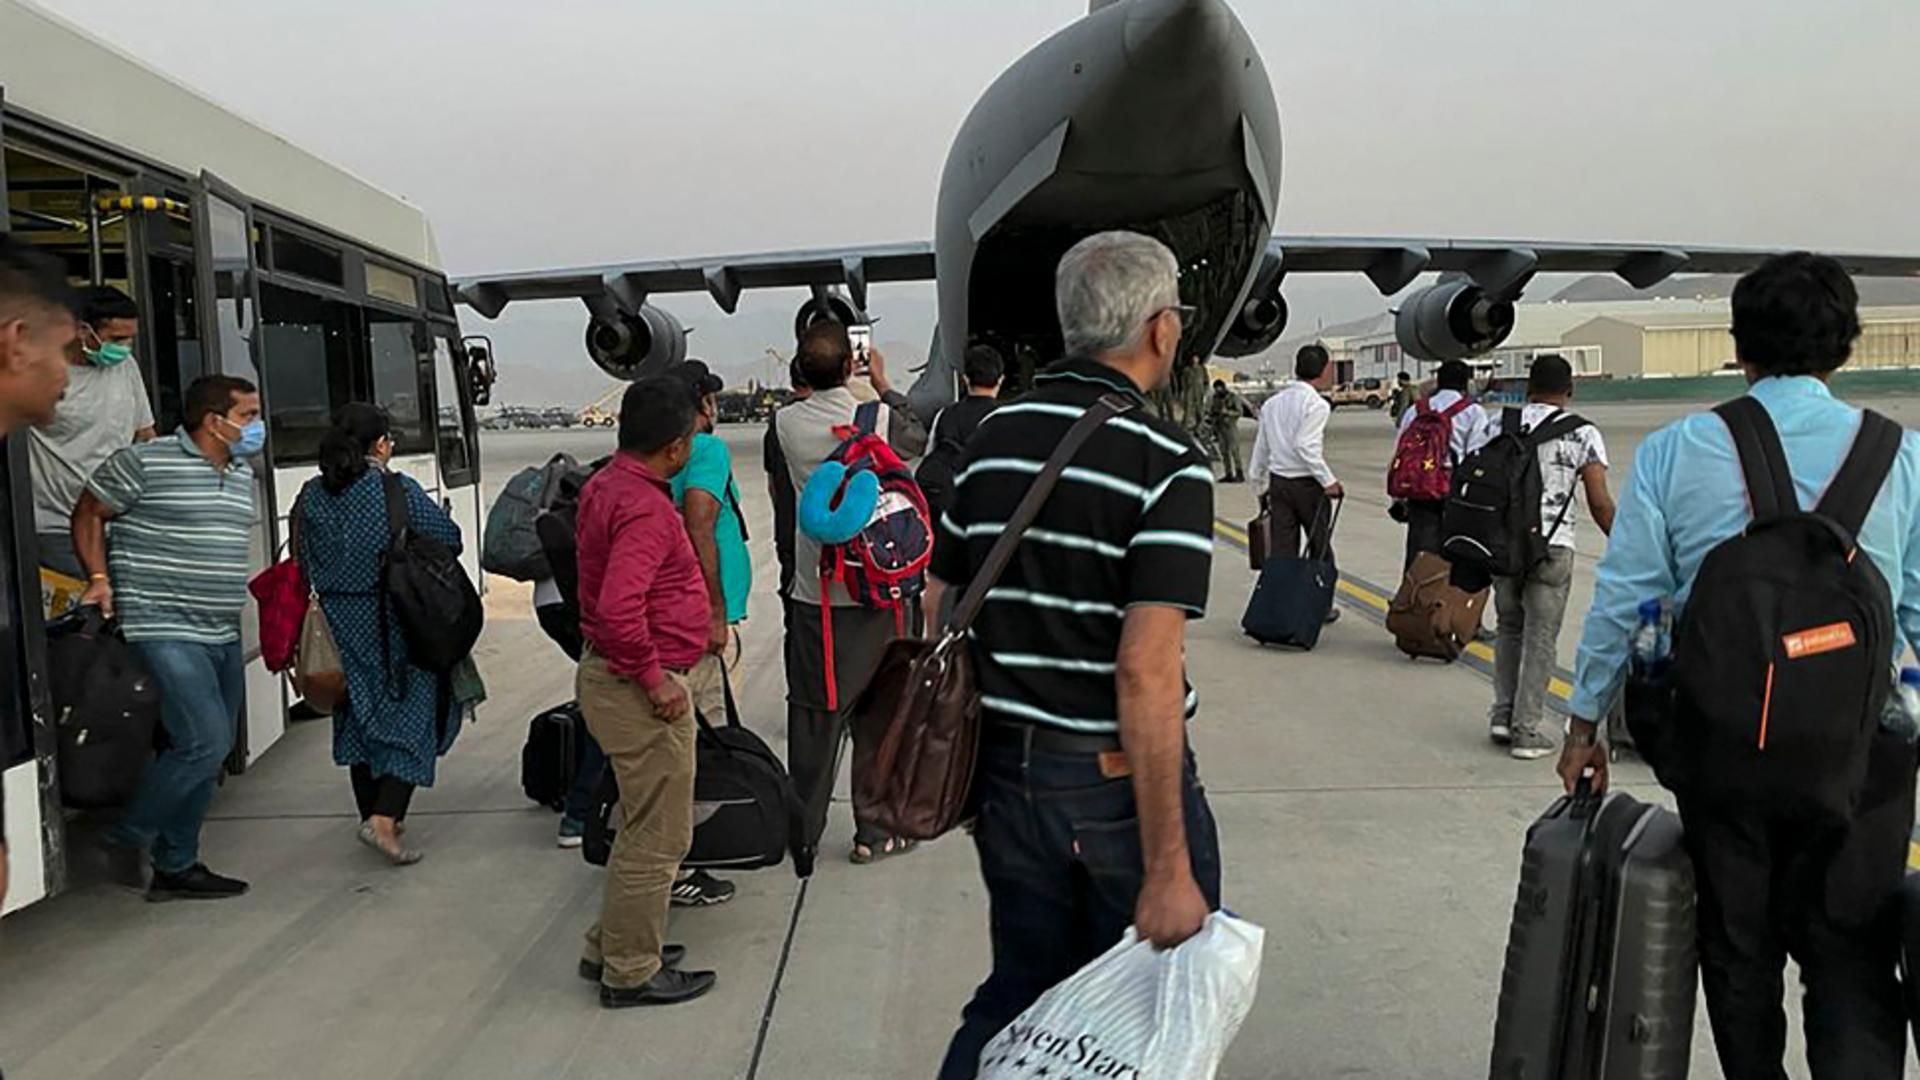 Încă 5 afgani, colaboratori ai României, au fost evacuați din Kabul. Foto/Profimedia